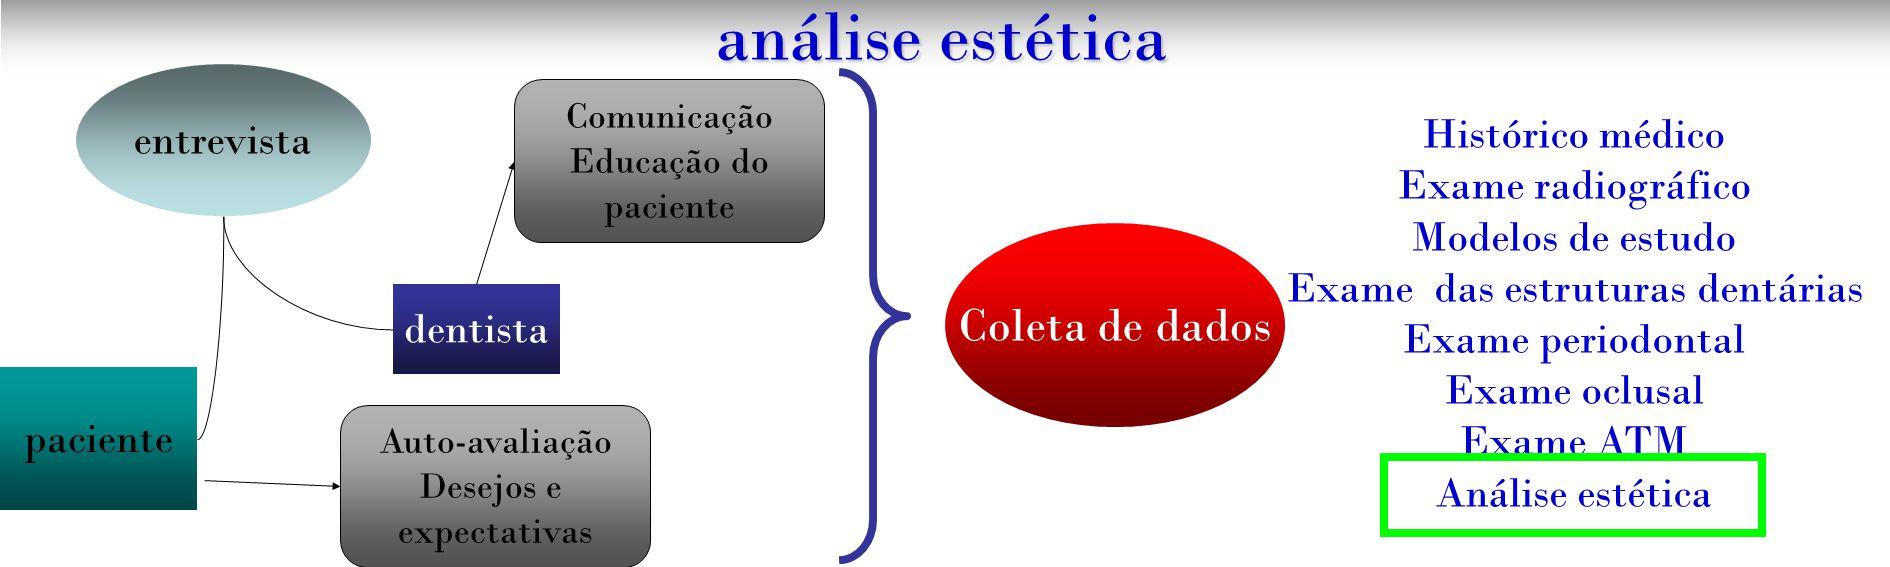 análise estética entrevista dentista paciente Auto-avaliação Desejos e expectativas Comunicação Educação do paciente Coleta de dados Histórico médico